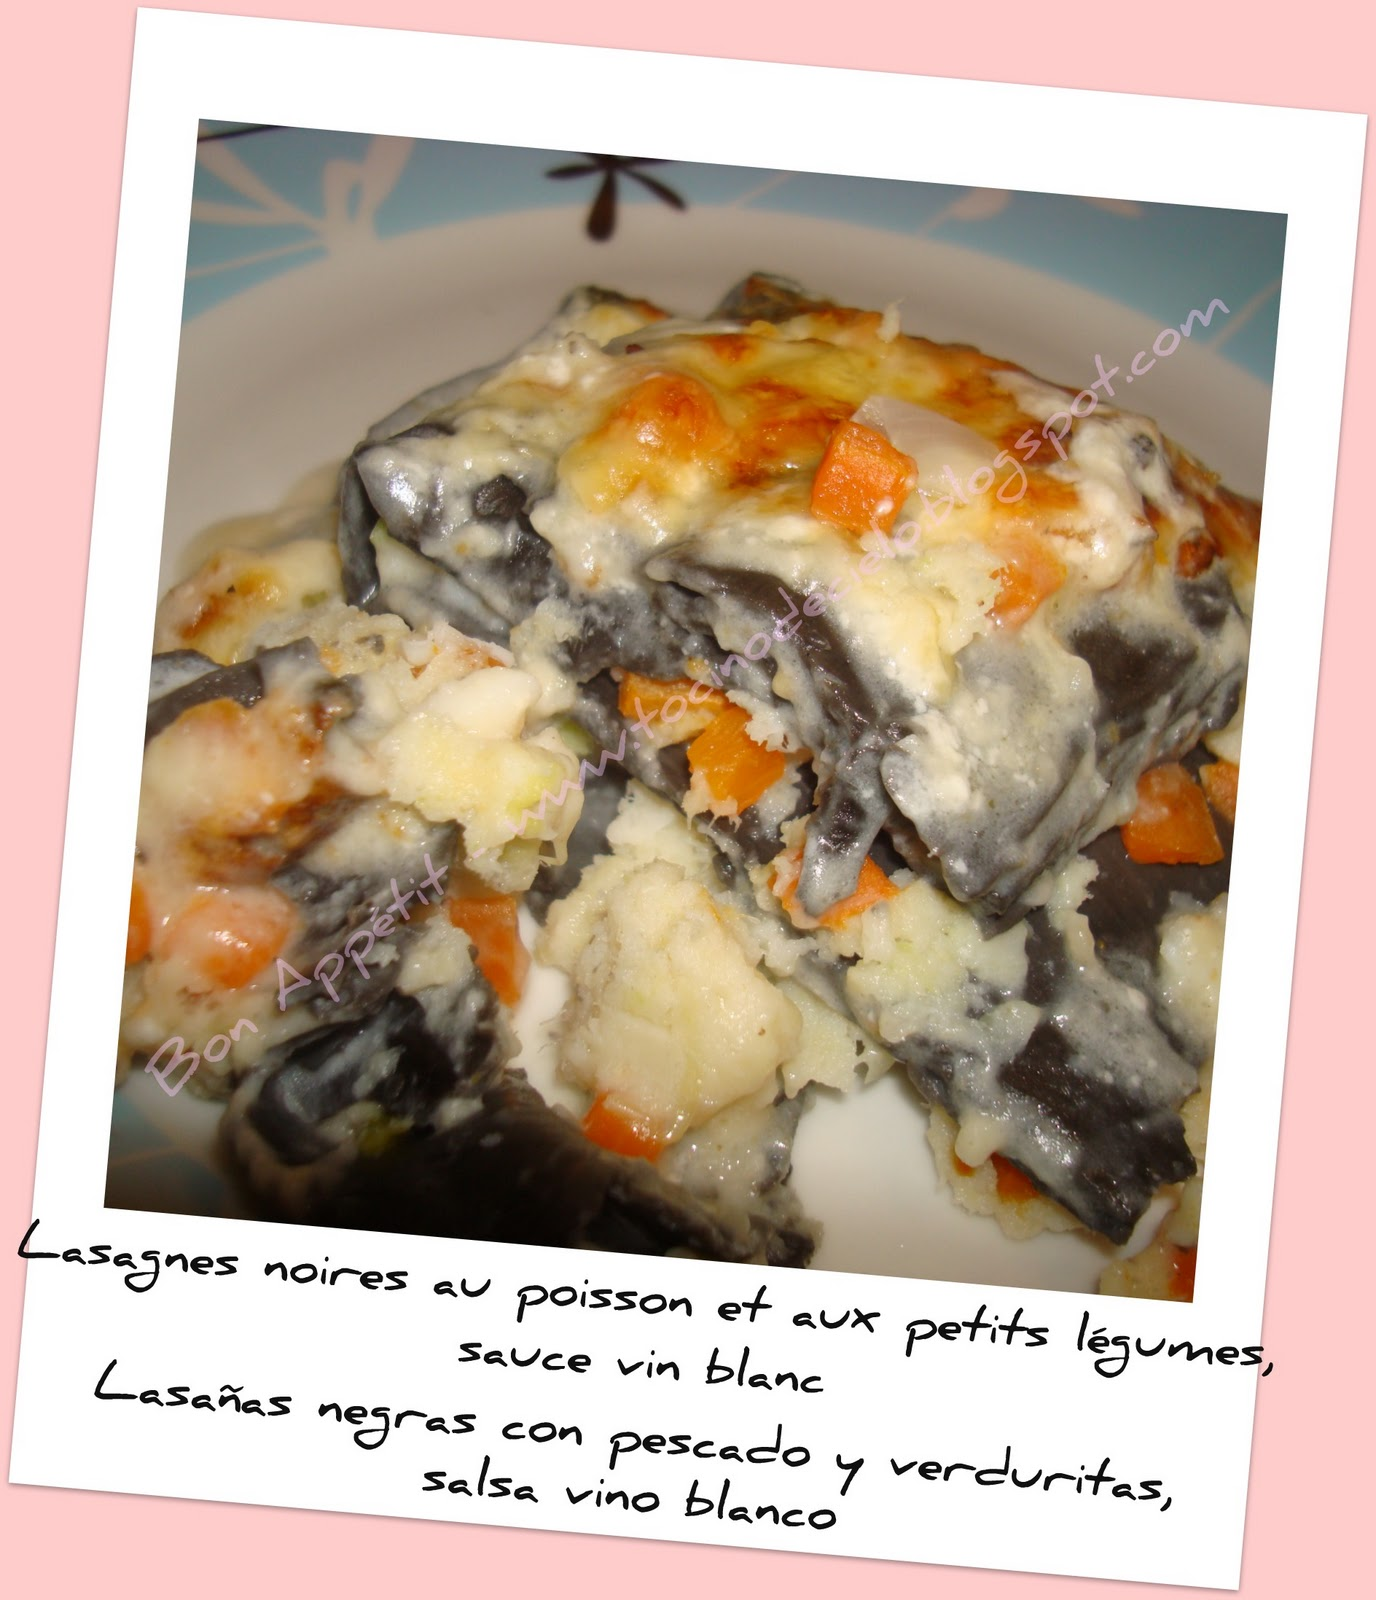 bon appetit lasagnes noires au poisson et petits l gumes lasa a negra con pescado y verduritas. Black Bedroom Furniture Sets. Home Design Ideas